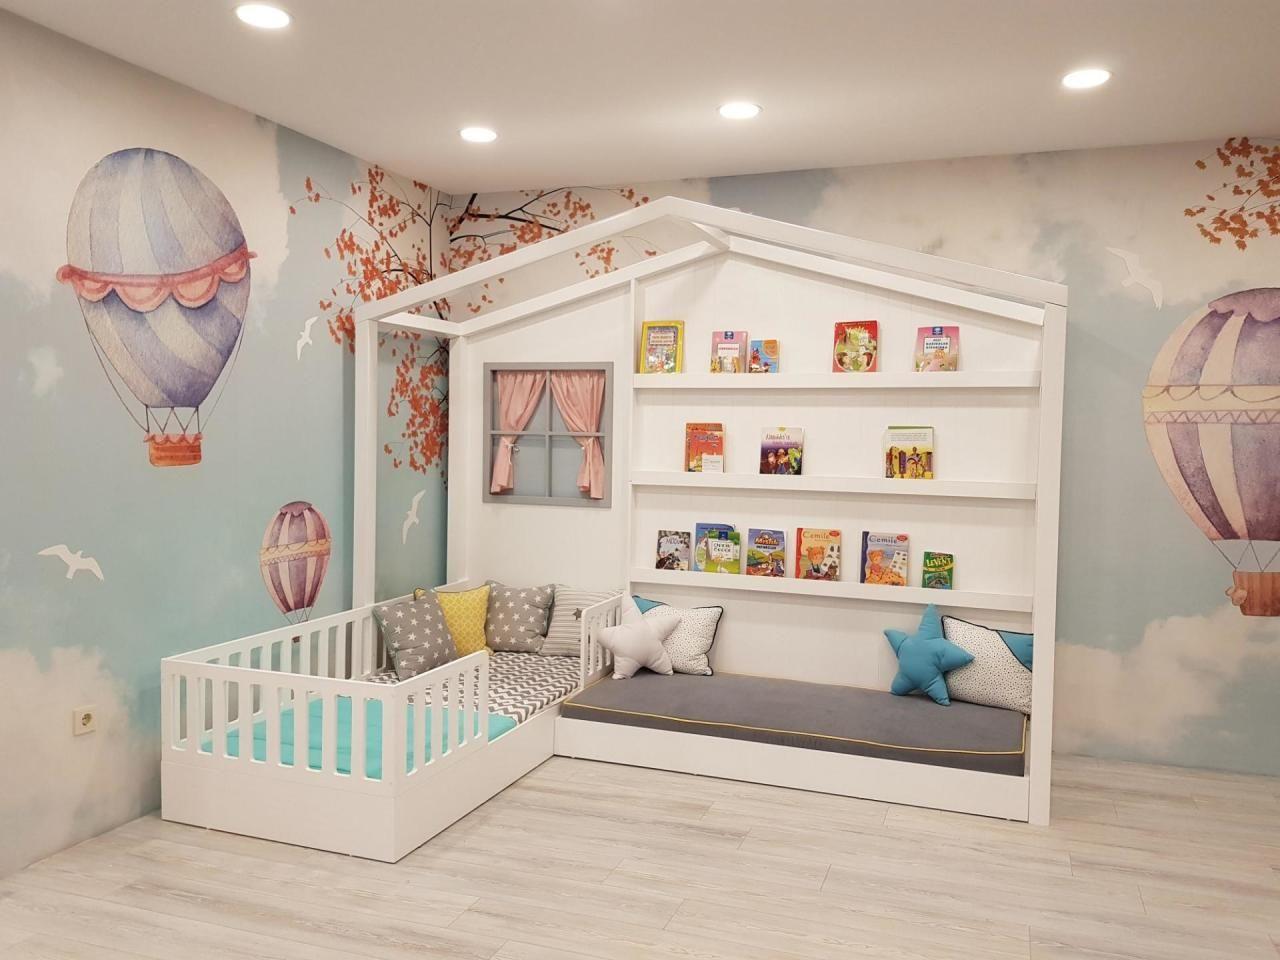 Camere Montessoriane : Espacios montessori que te encantarán tips de diseño childrens